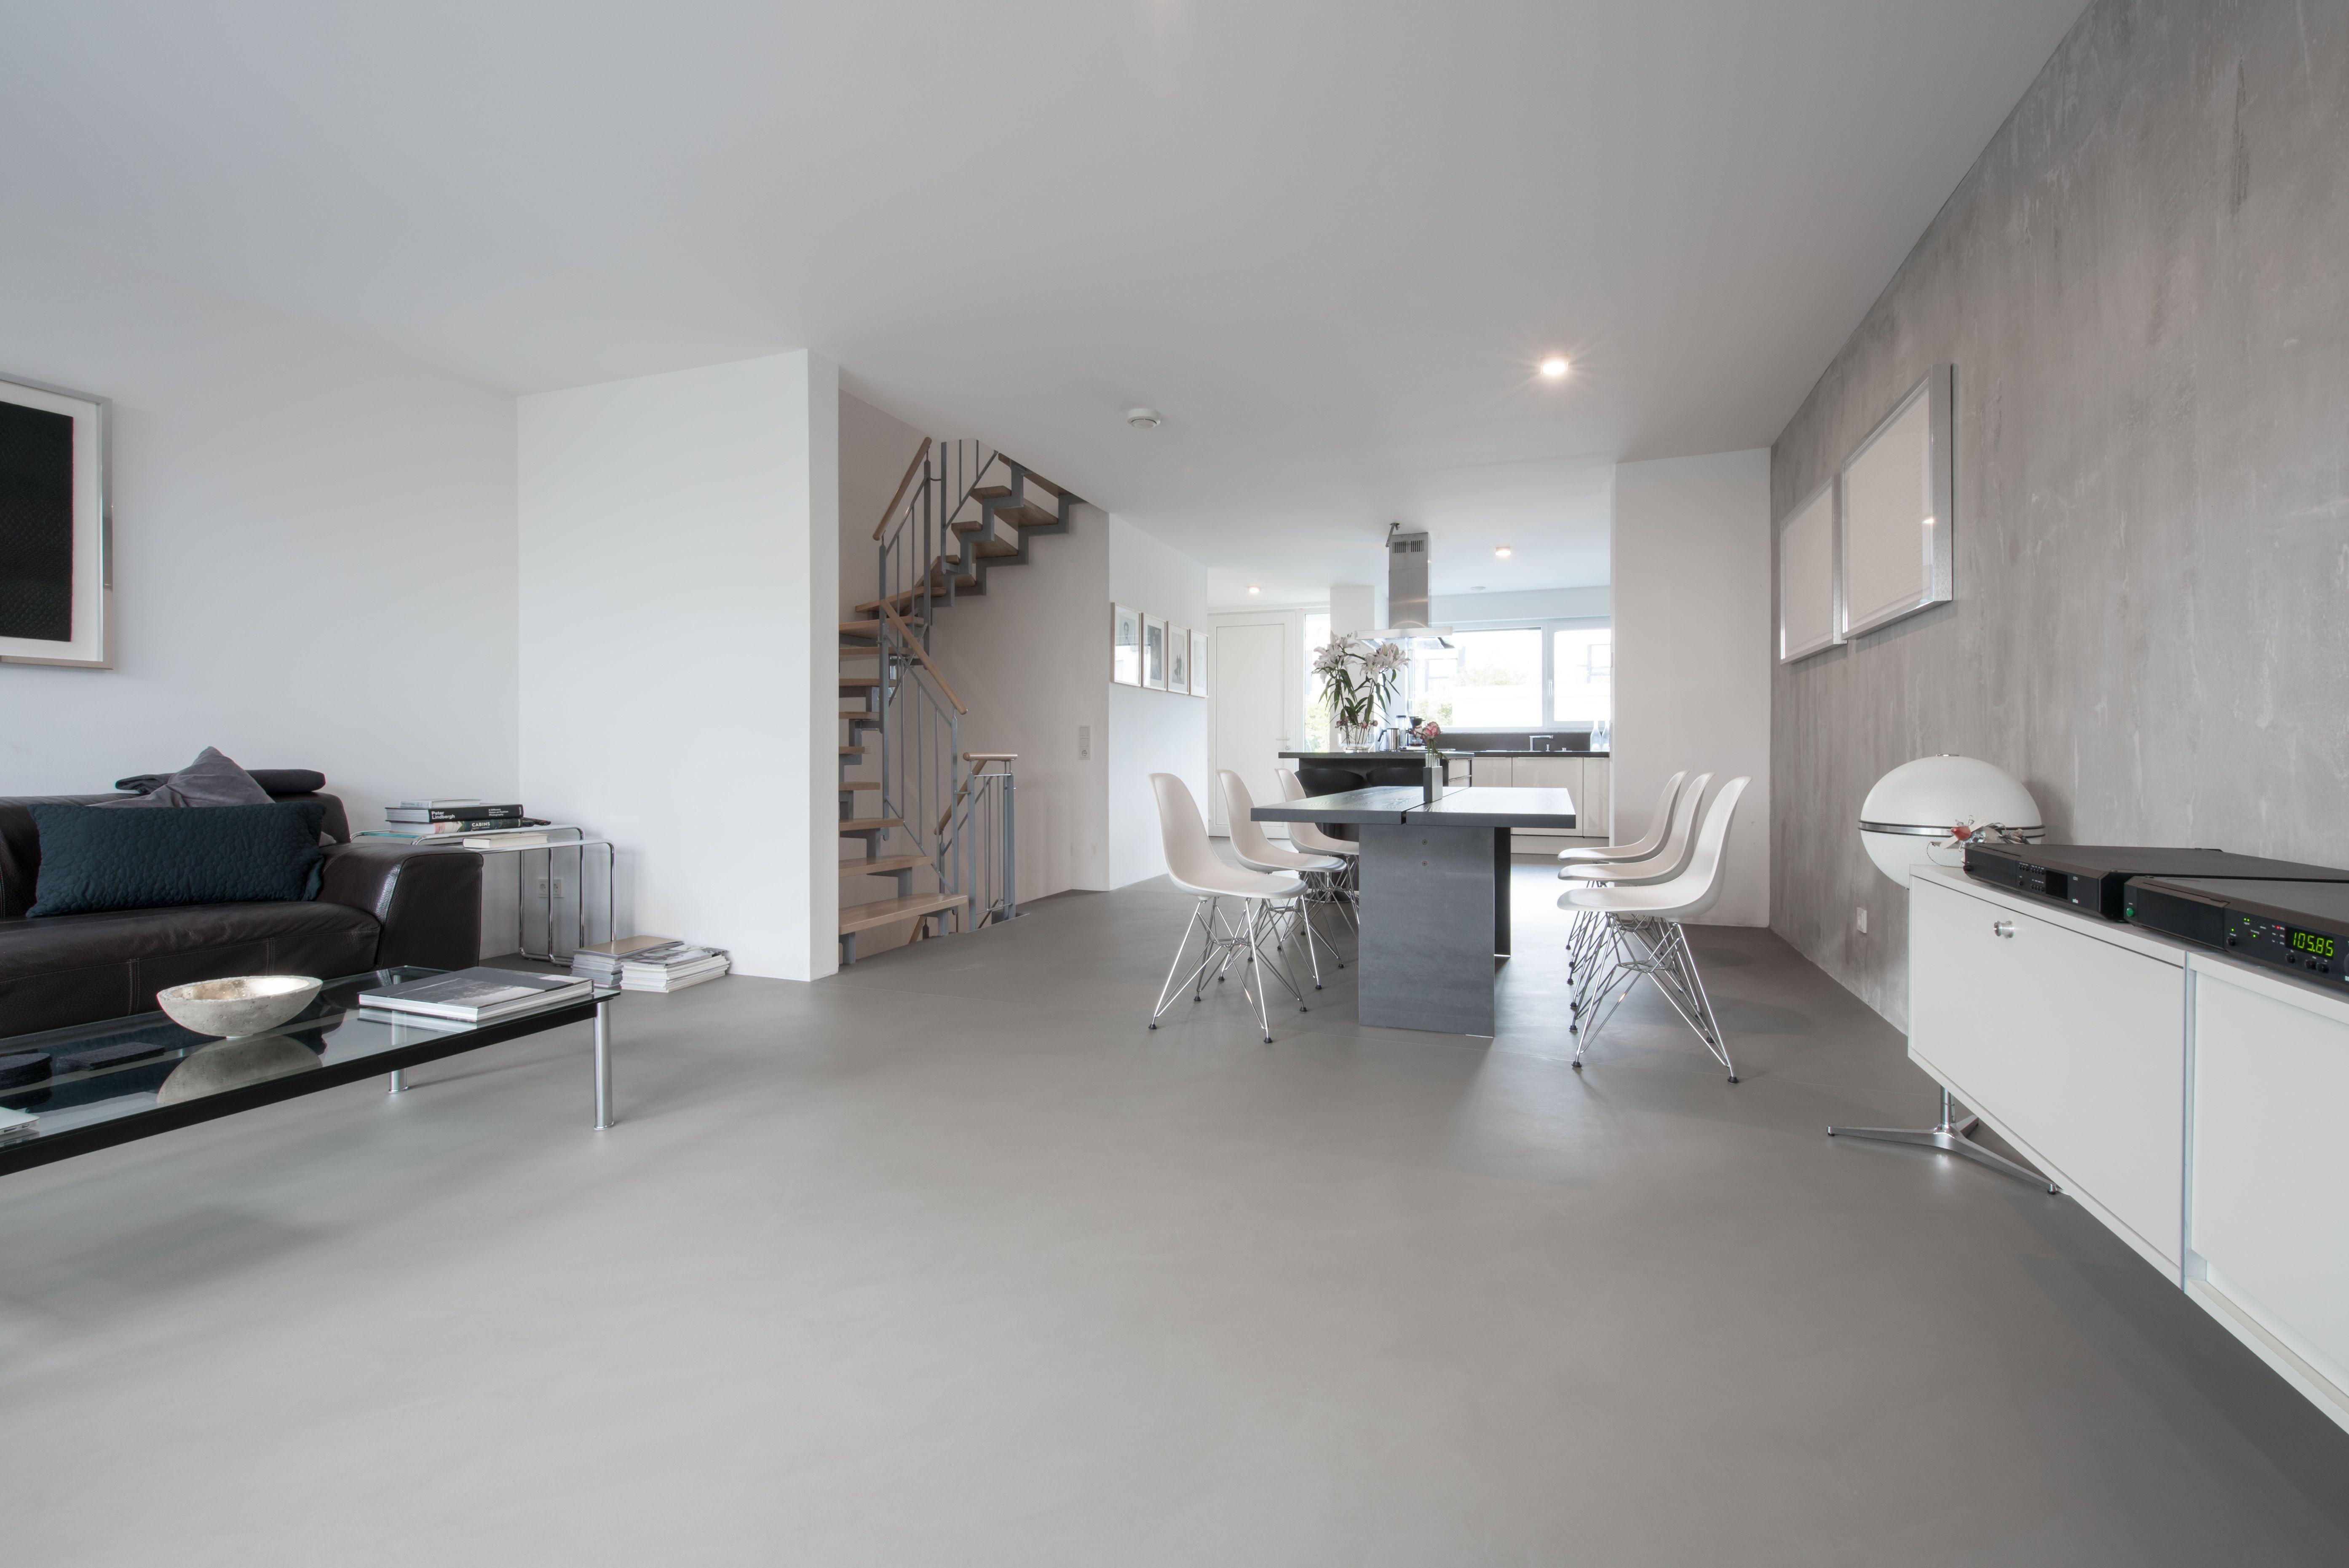 Fugenloser Boden Betonboden Wohnzimmer Fugenloser Boden Loftstyle